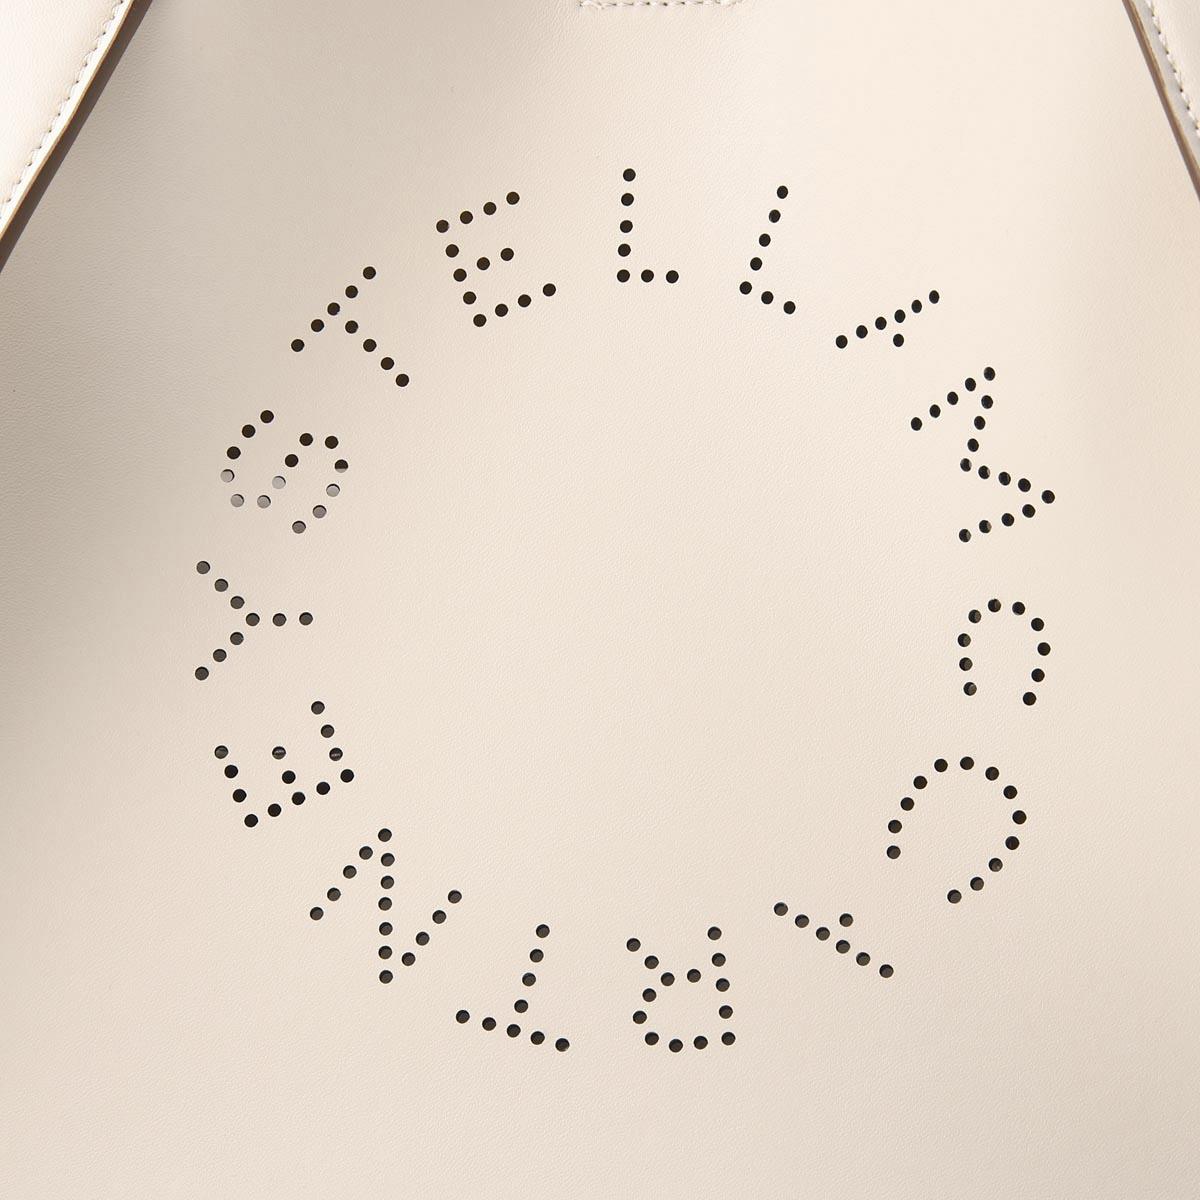 【タイムセール】STELLA McCARTNEY ステラマッカートニー トートバッグ 2WAY/ECO SOFT レディース